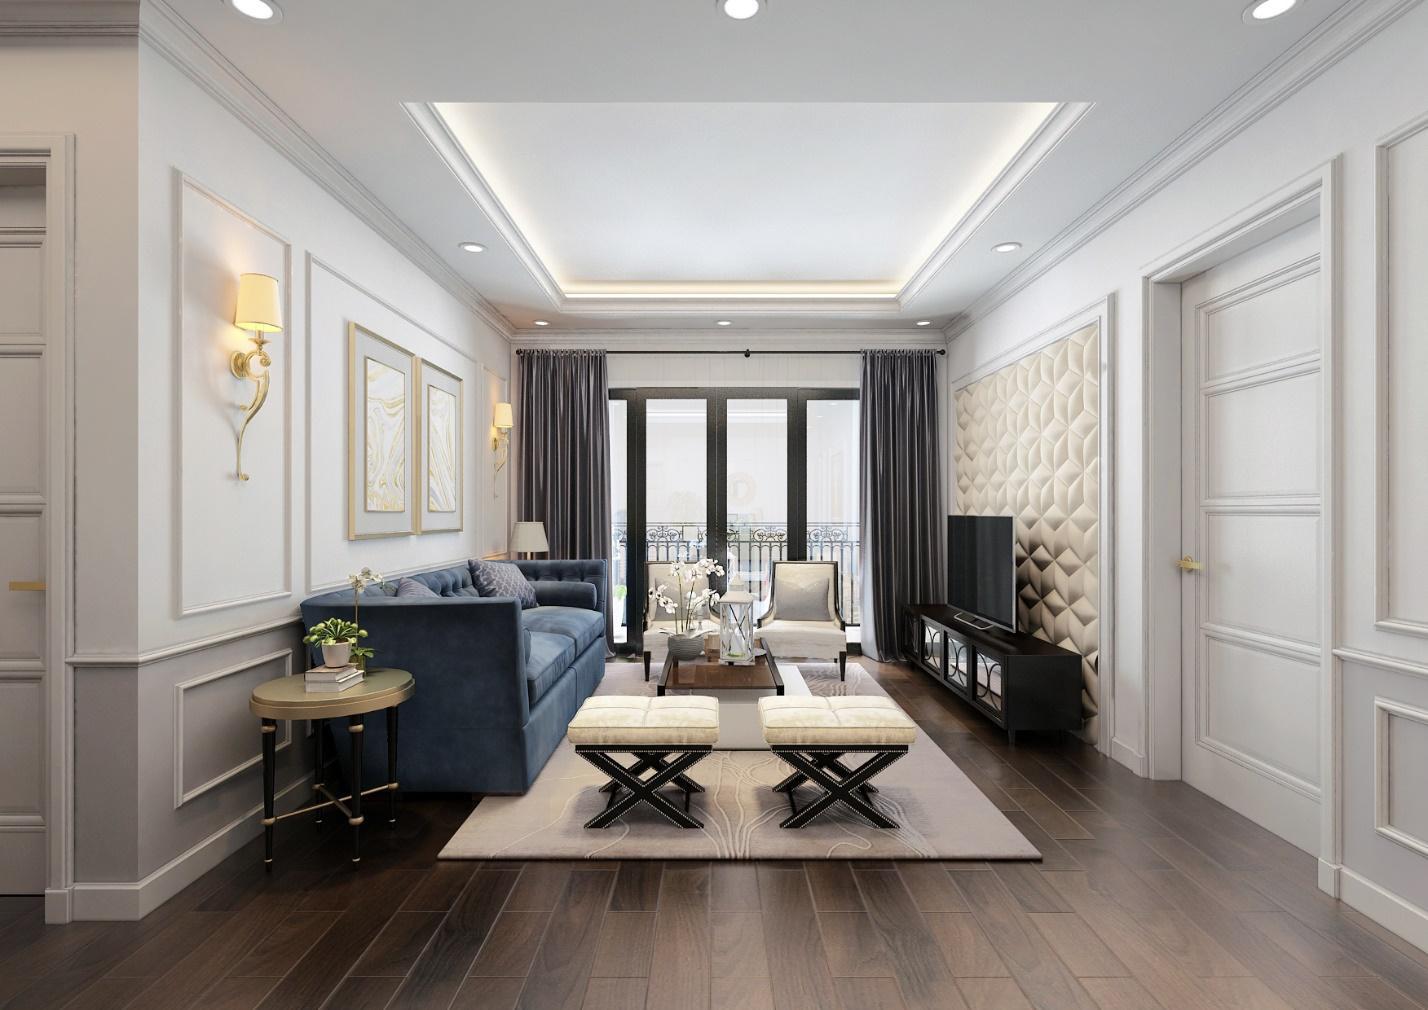 Mua căn hộ cao cấp với gói ưu đãi đặc biệt đón Tết Nguyên Đán - Ảnh 2.